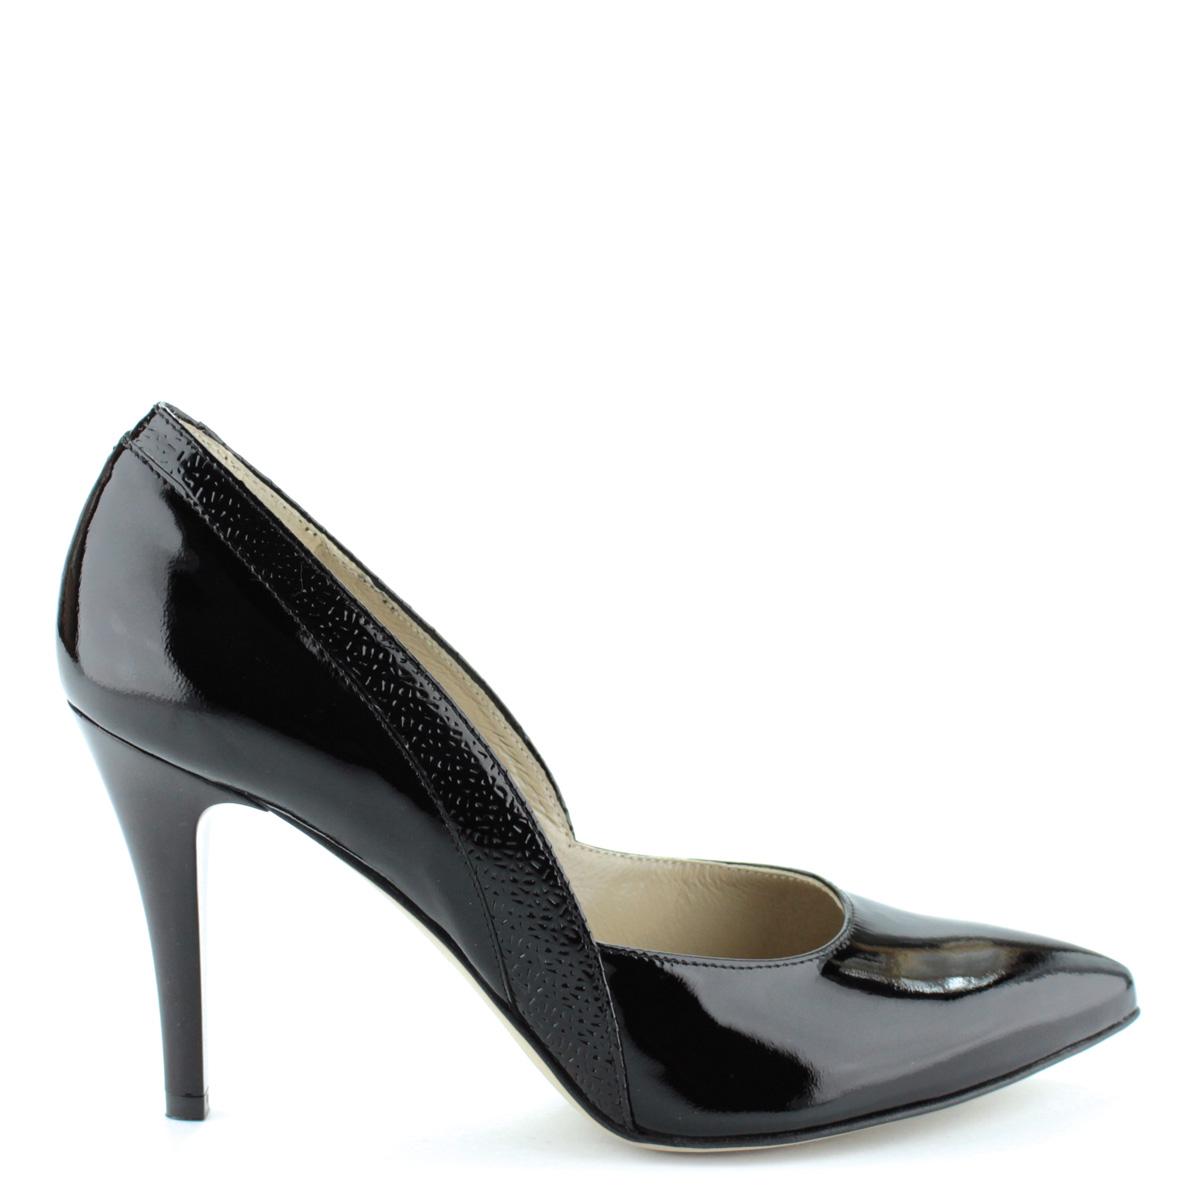 Felsőrésze és bélése  Fekete színű magas sarkú lakk alkalmi cipő. Sarka 9  cm magas. Felsőrésze és bélése 8f0da8d155